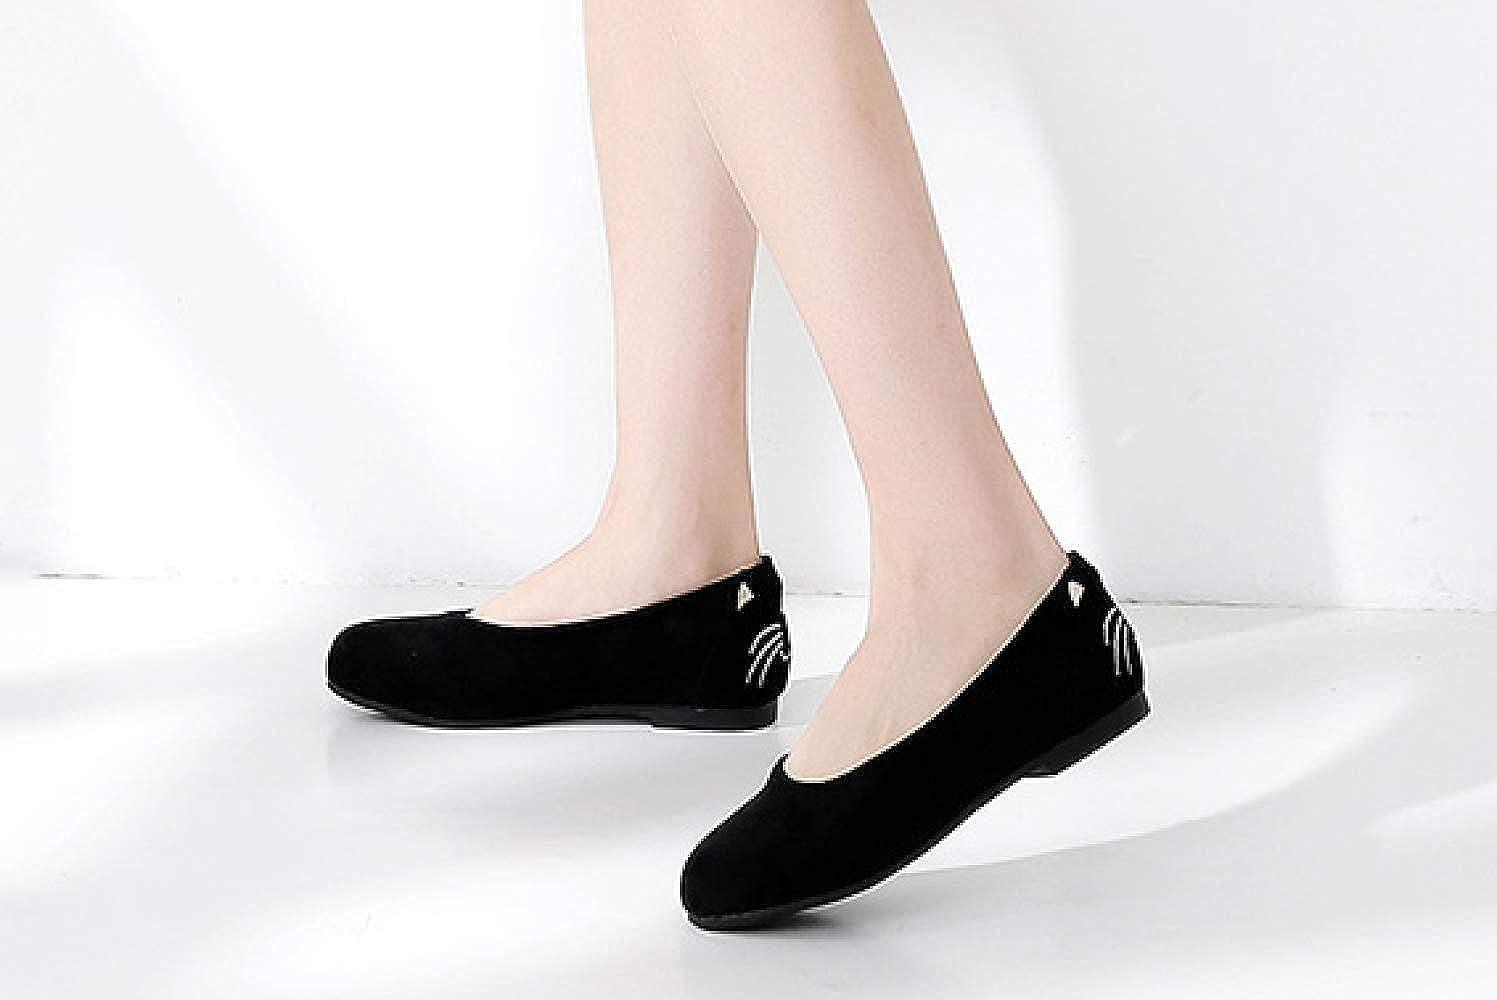 LYJBIK Frauen Flache Flacher Schuh der Frauen LYJBIK Flache 406 schwarz 65319d